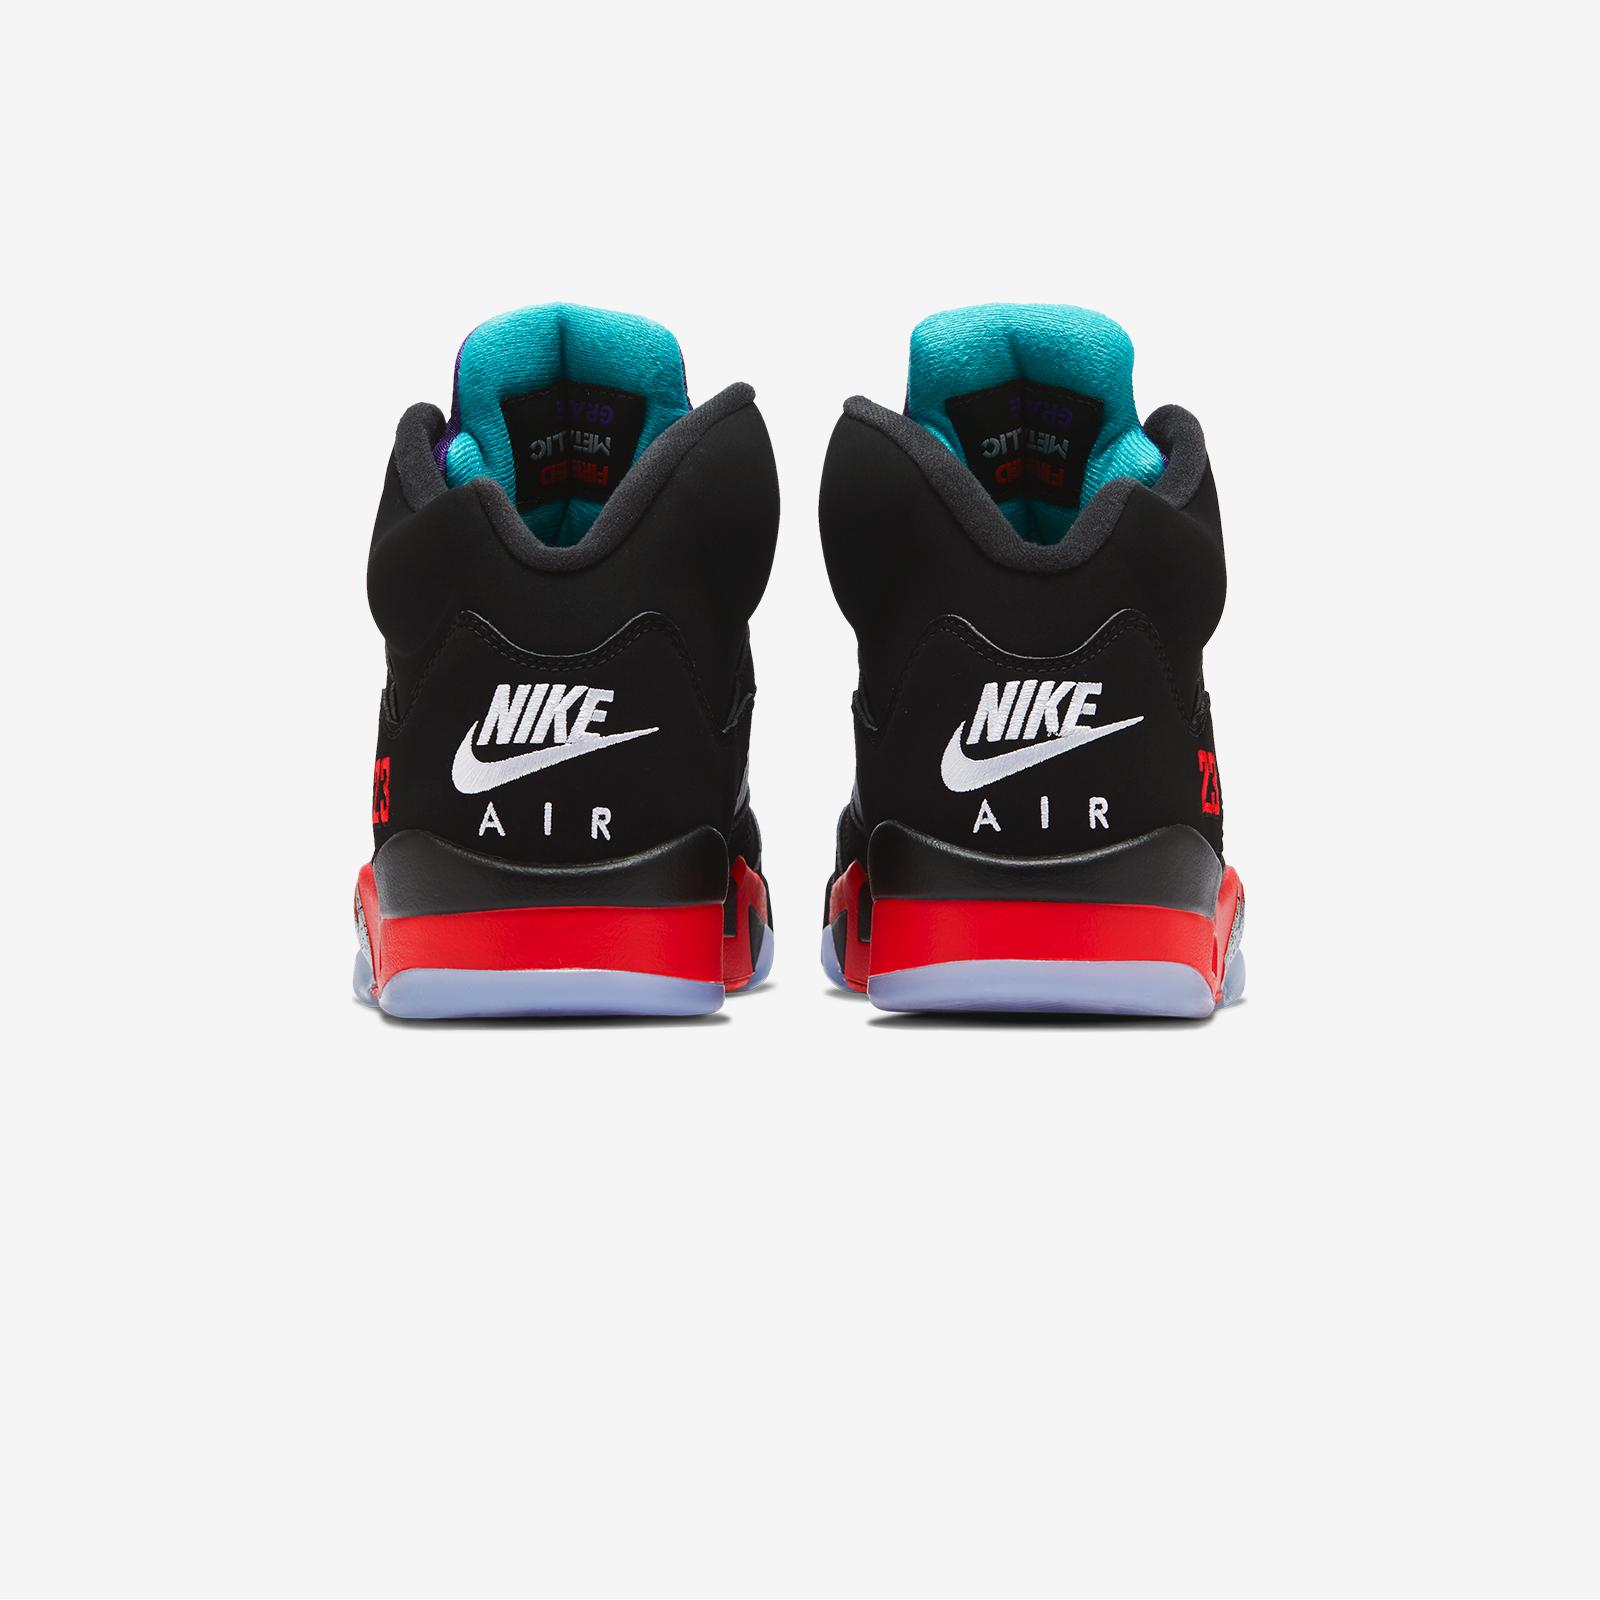 Jordan Brand Air Jordan 5 Retro - Cz1786-001 - Sneakersnstuff ...